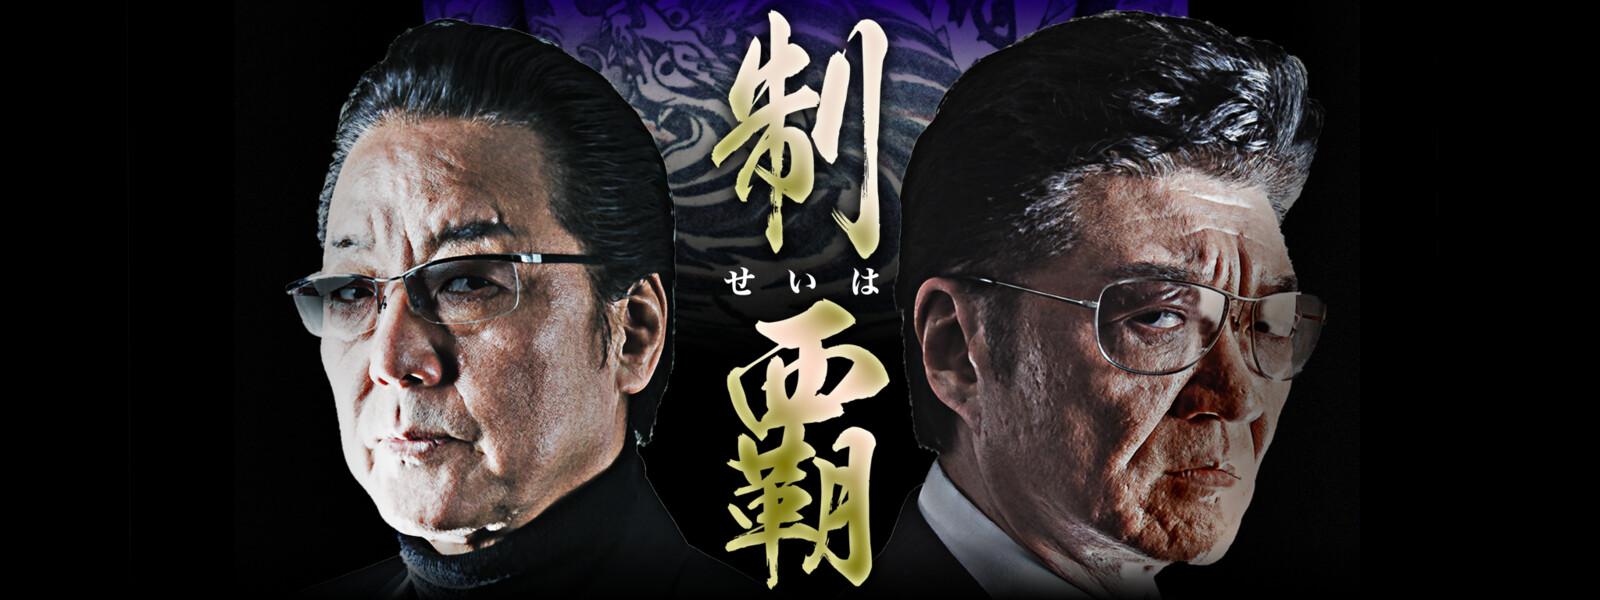 制覇 10の動画 - 制覇 14